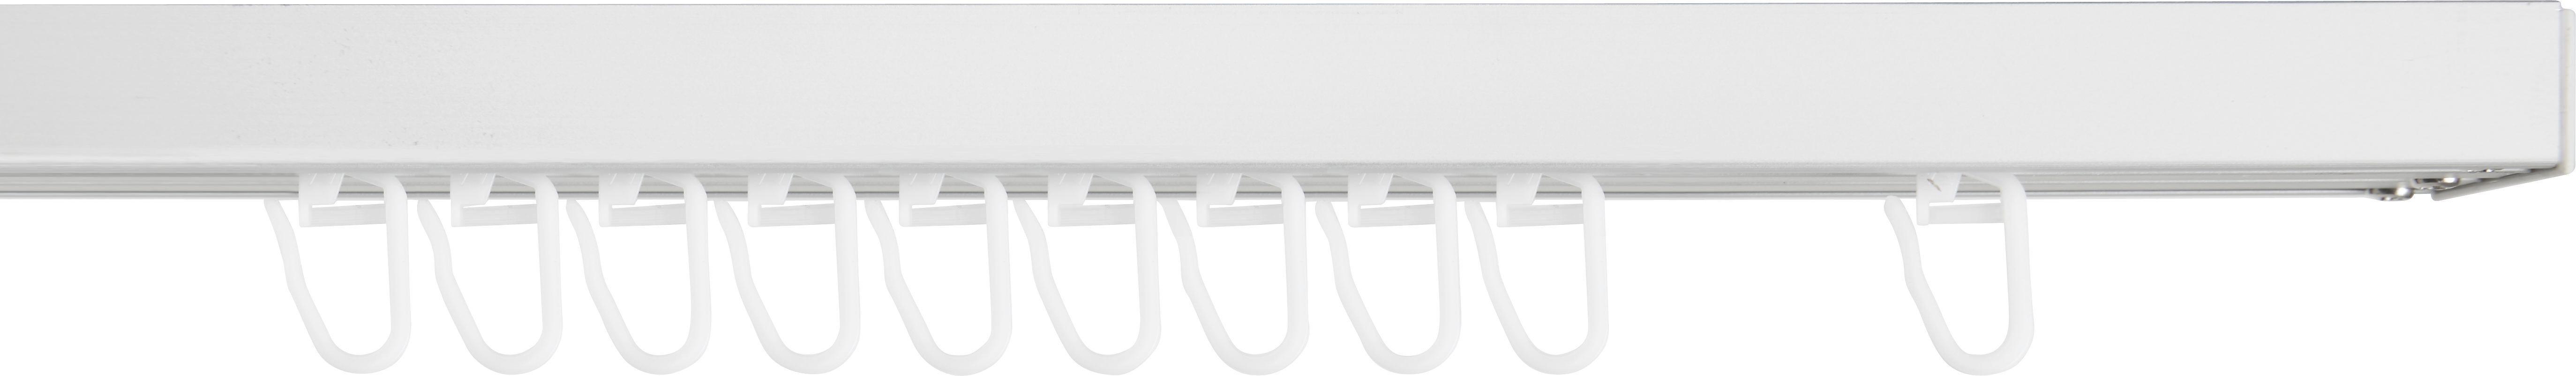 Rollengleiter Robby - Weiß, Kunststoff (1.4/2.8cm) - MÖMAX modern living